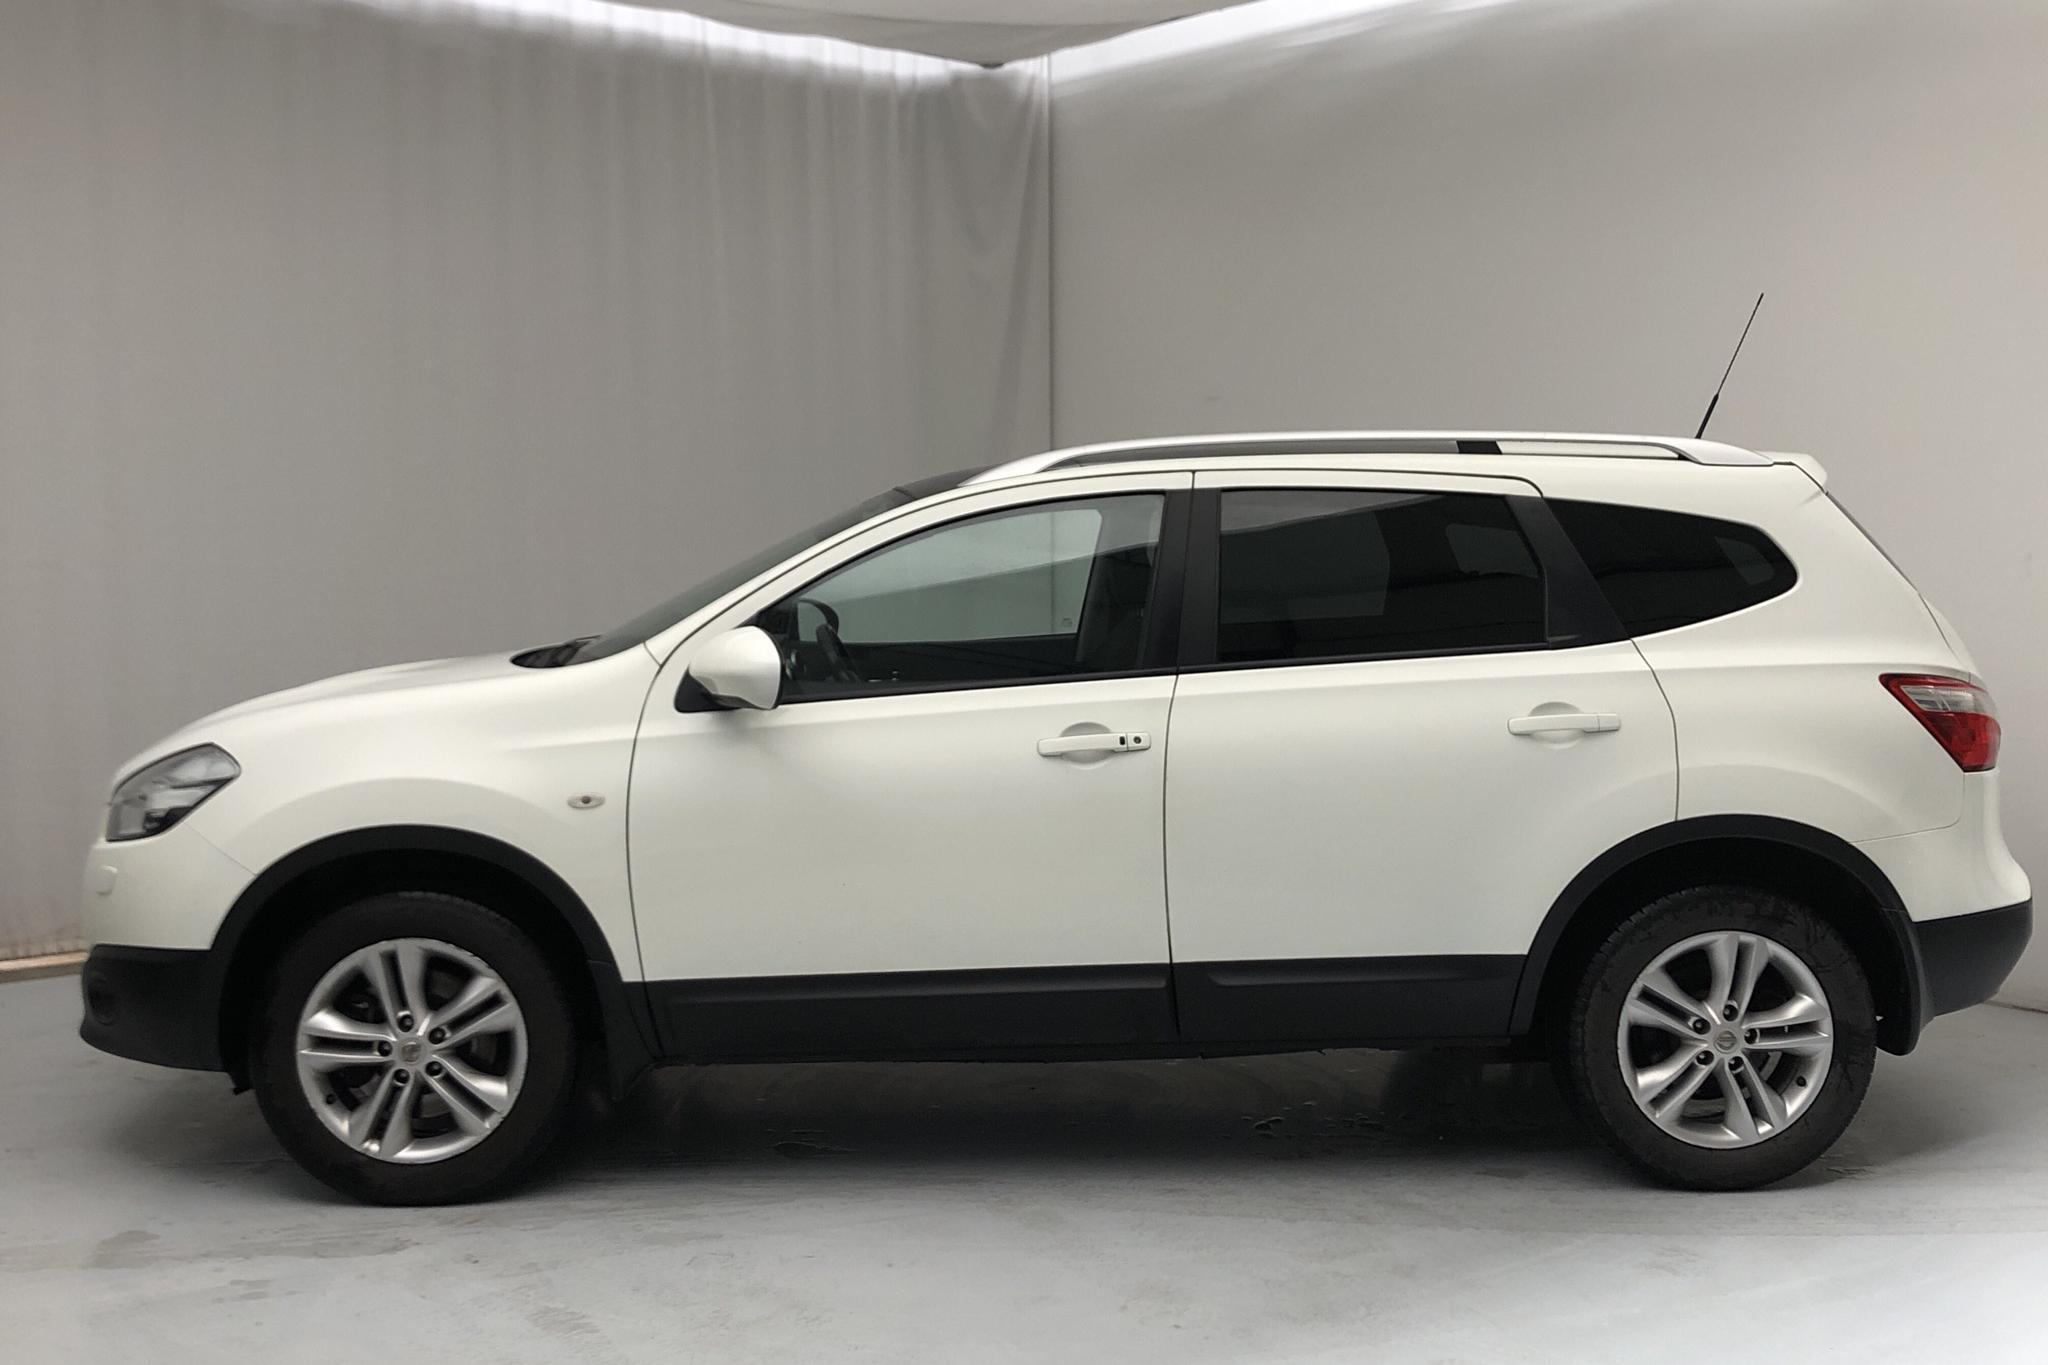 Nissan Qashqai+2 2.0 4x4 (140hk) - 161 210 km - Automatic - white - 2013